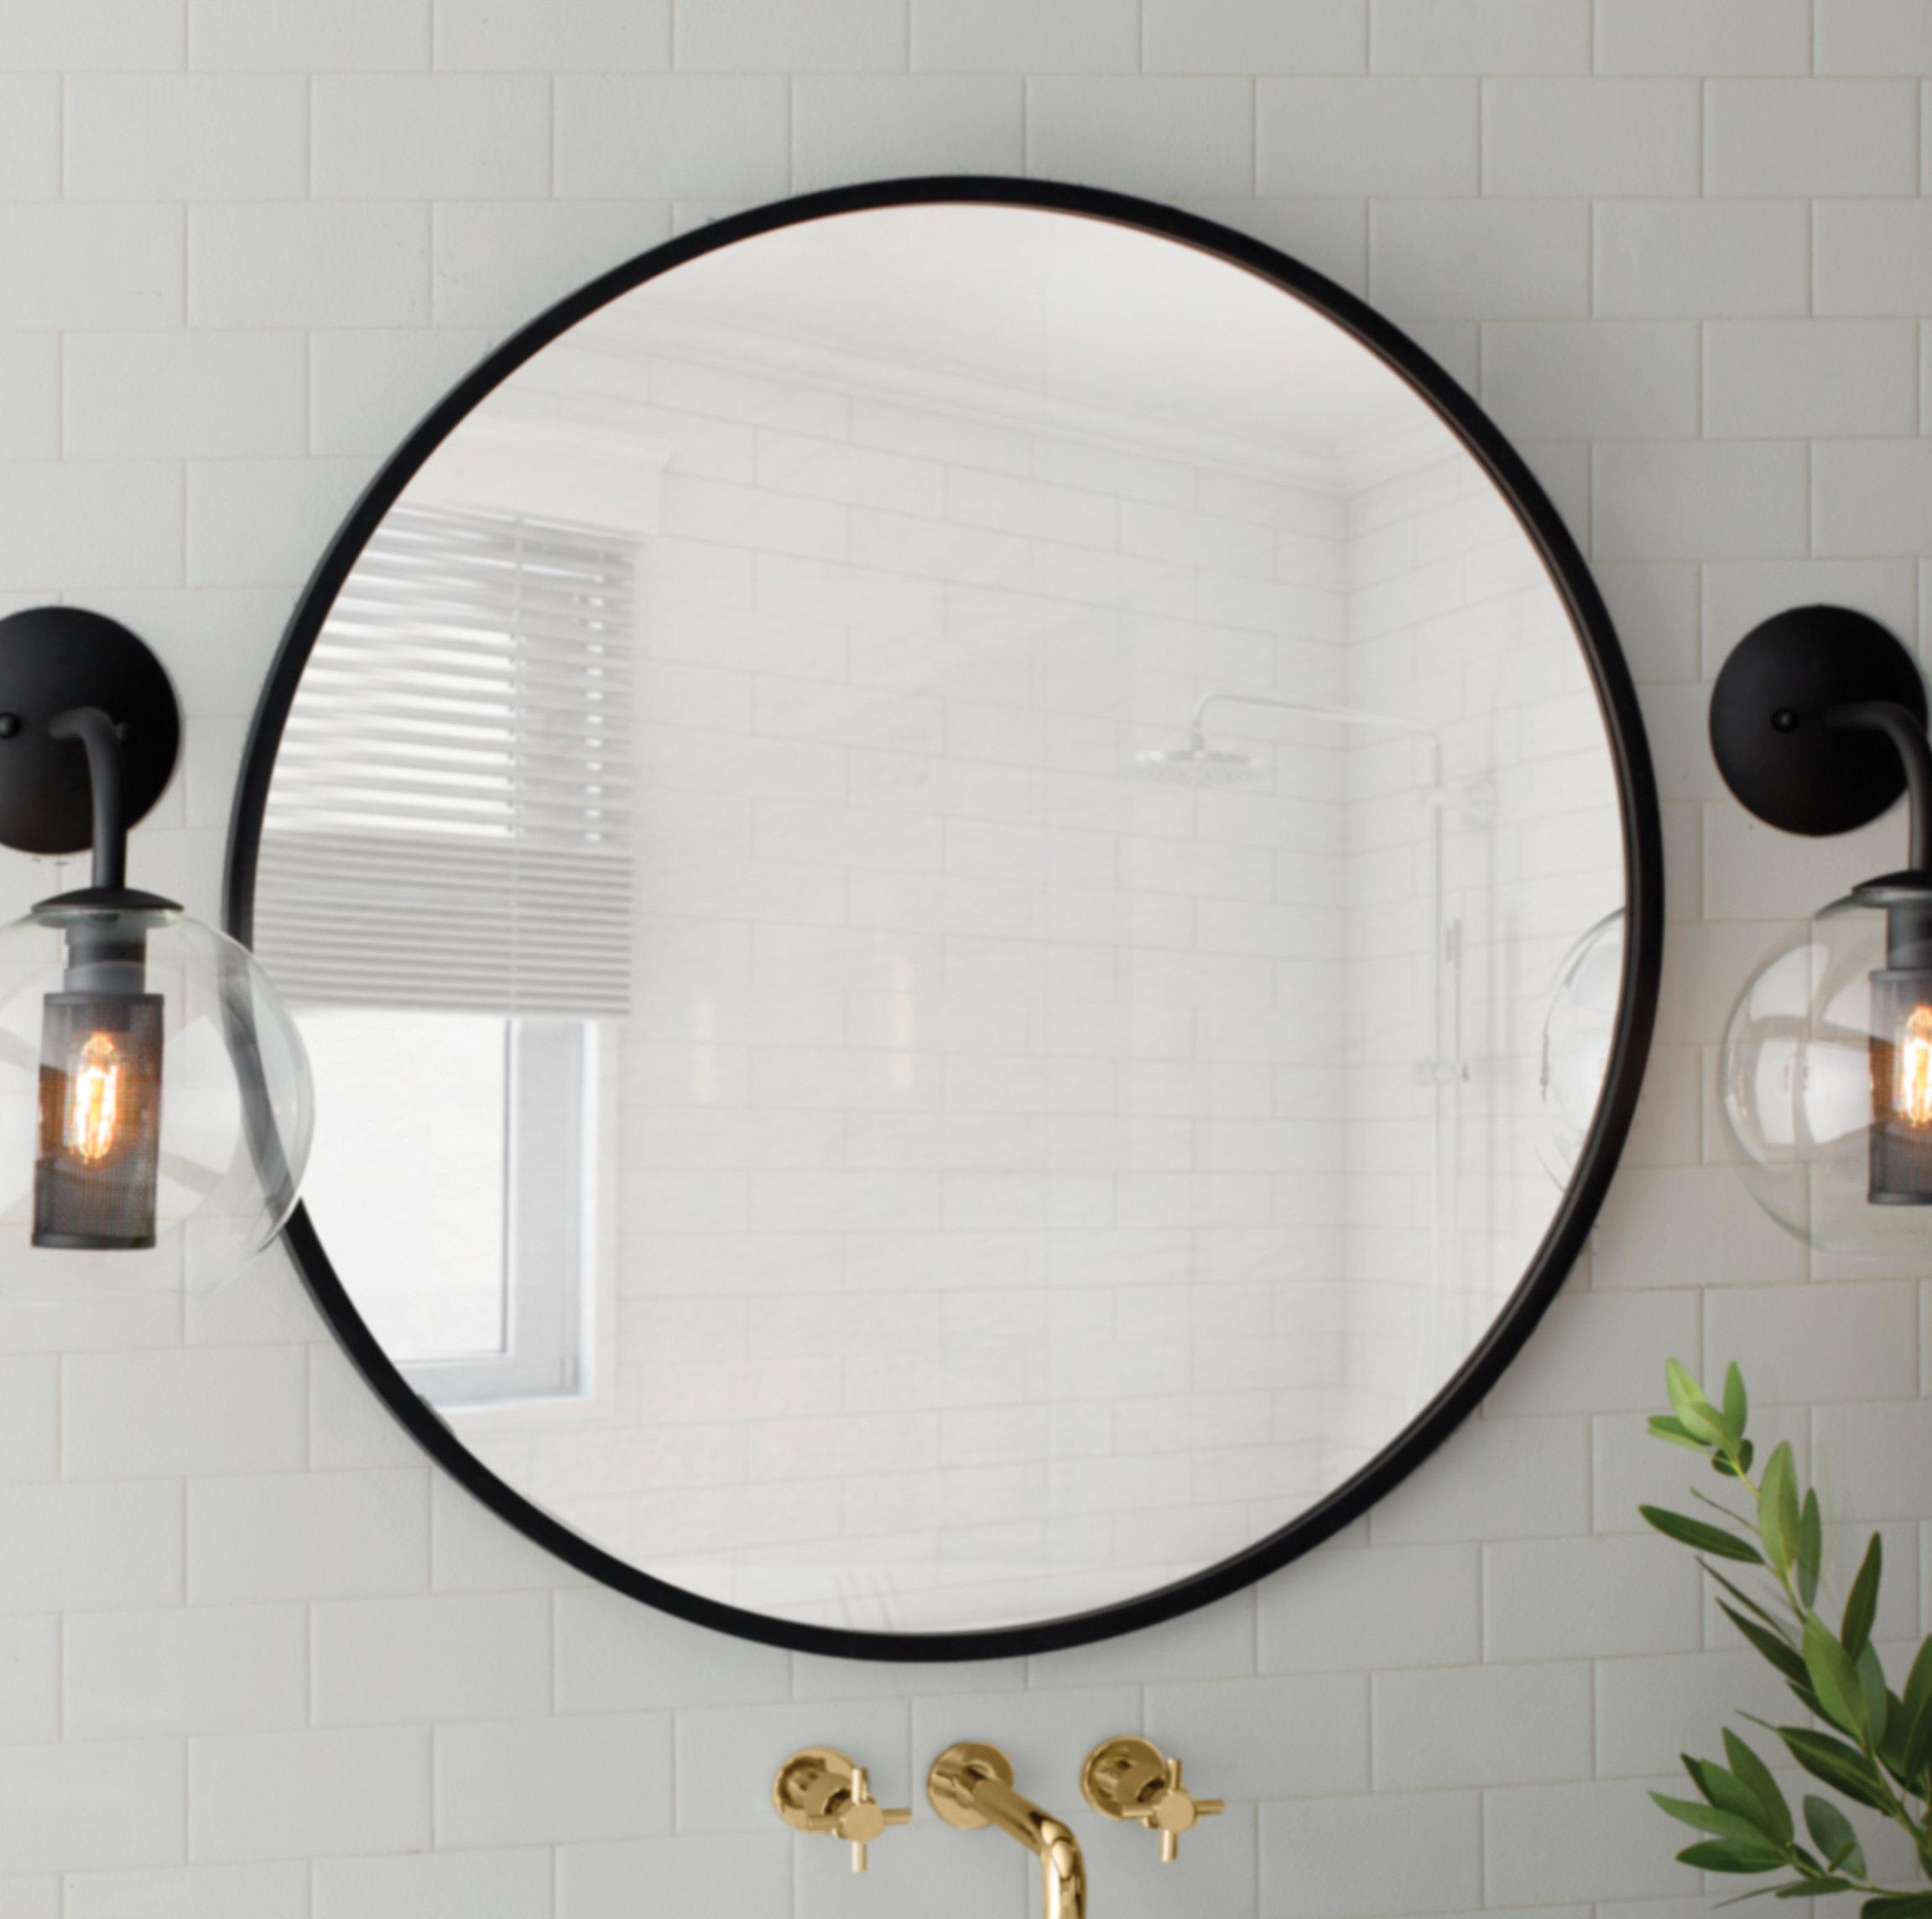 Modern & Contemporary 40 Inch Round Mirror | Allmodern In Point Reyes Molten Round Wall Mirrors (Image 7 of 20)